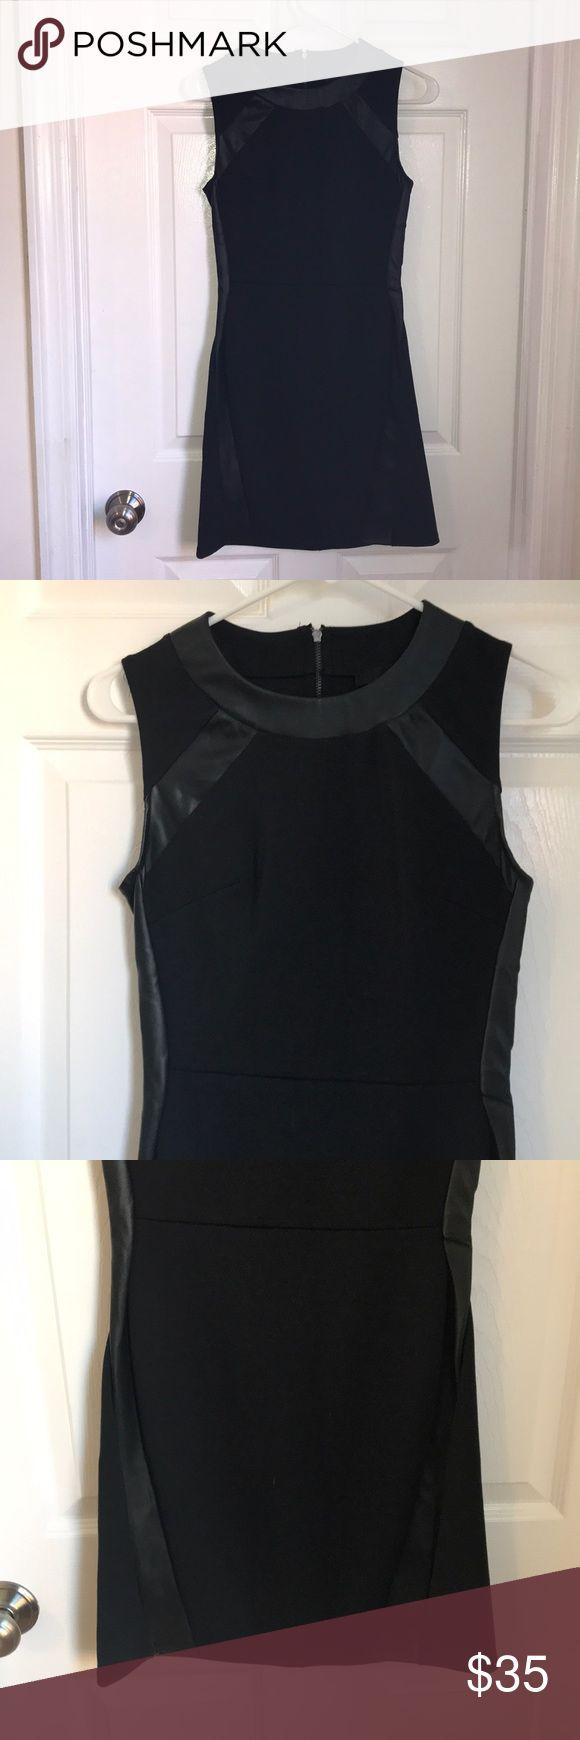 NWOT Aqua leather detail black dress Size small. Black aqua dress never worn with black leather details and zipper back Aqua Dresses